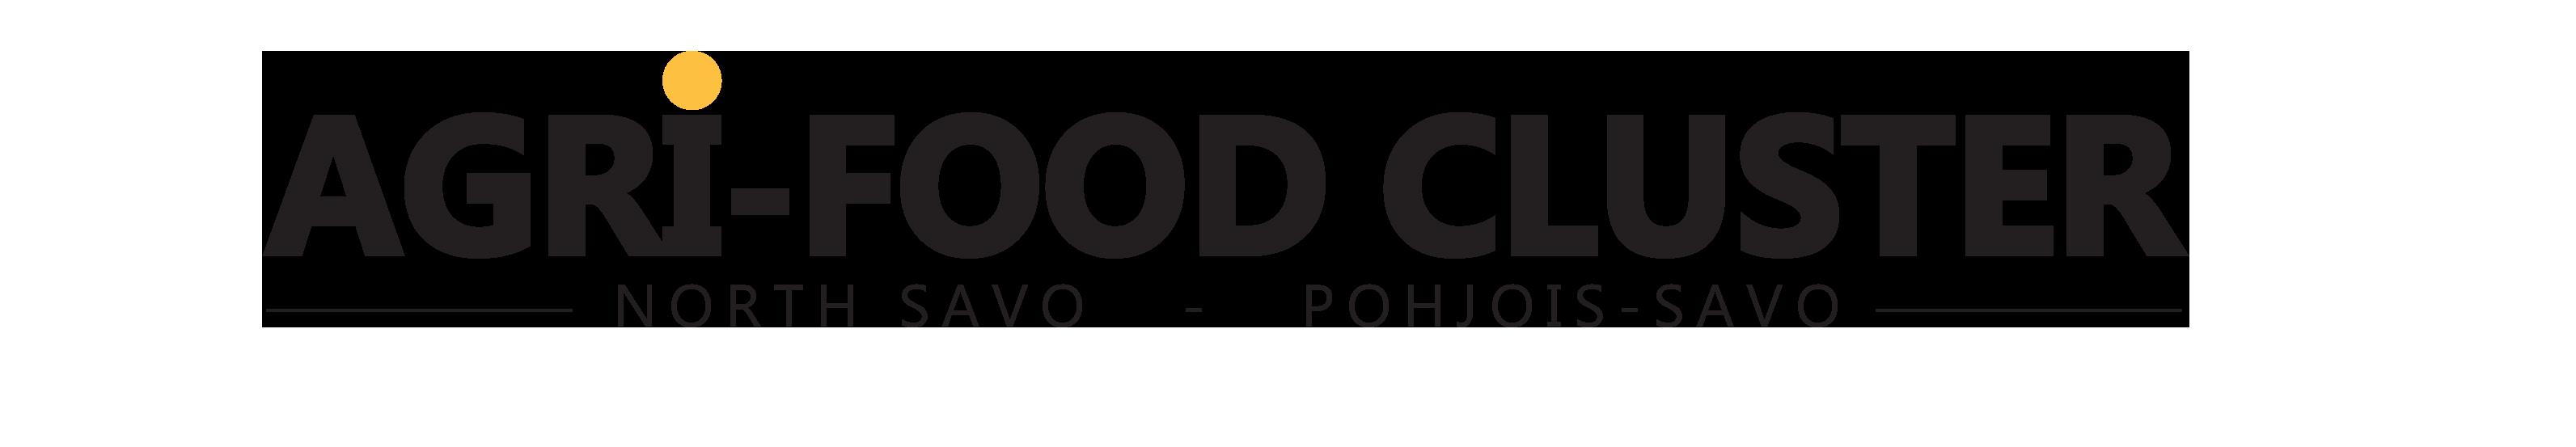 agri-food logo